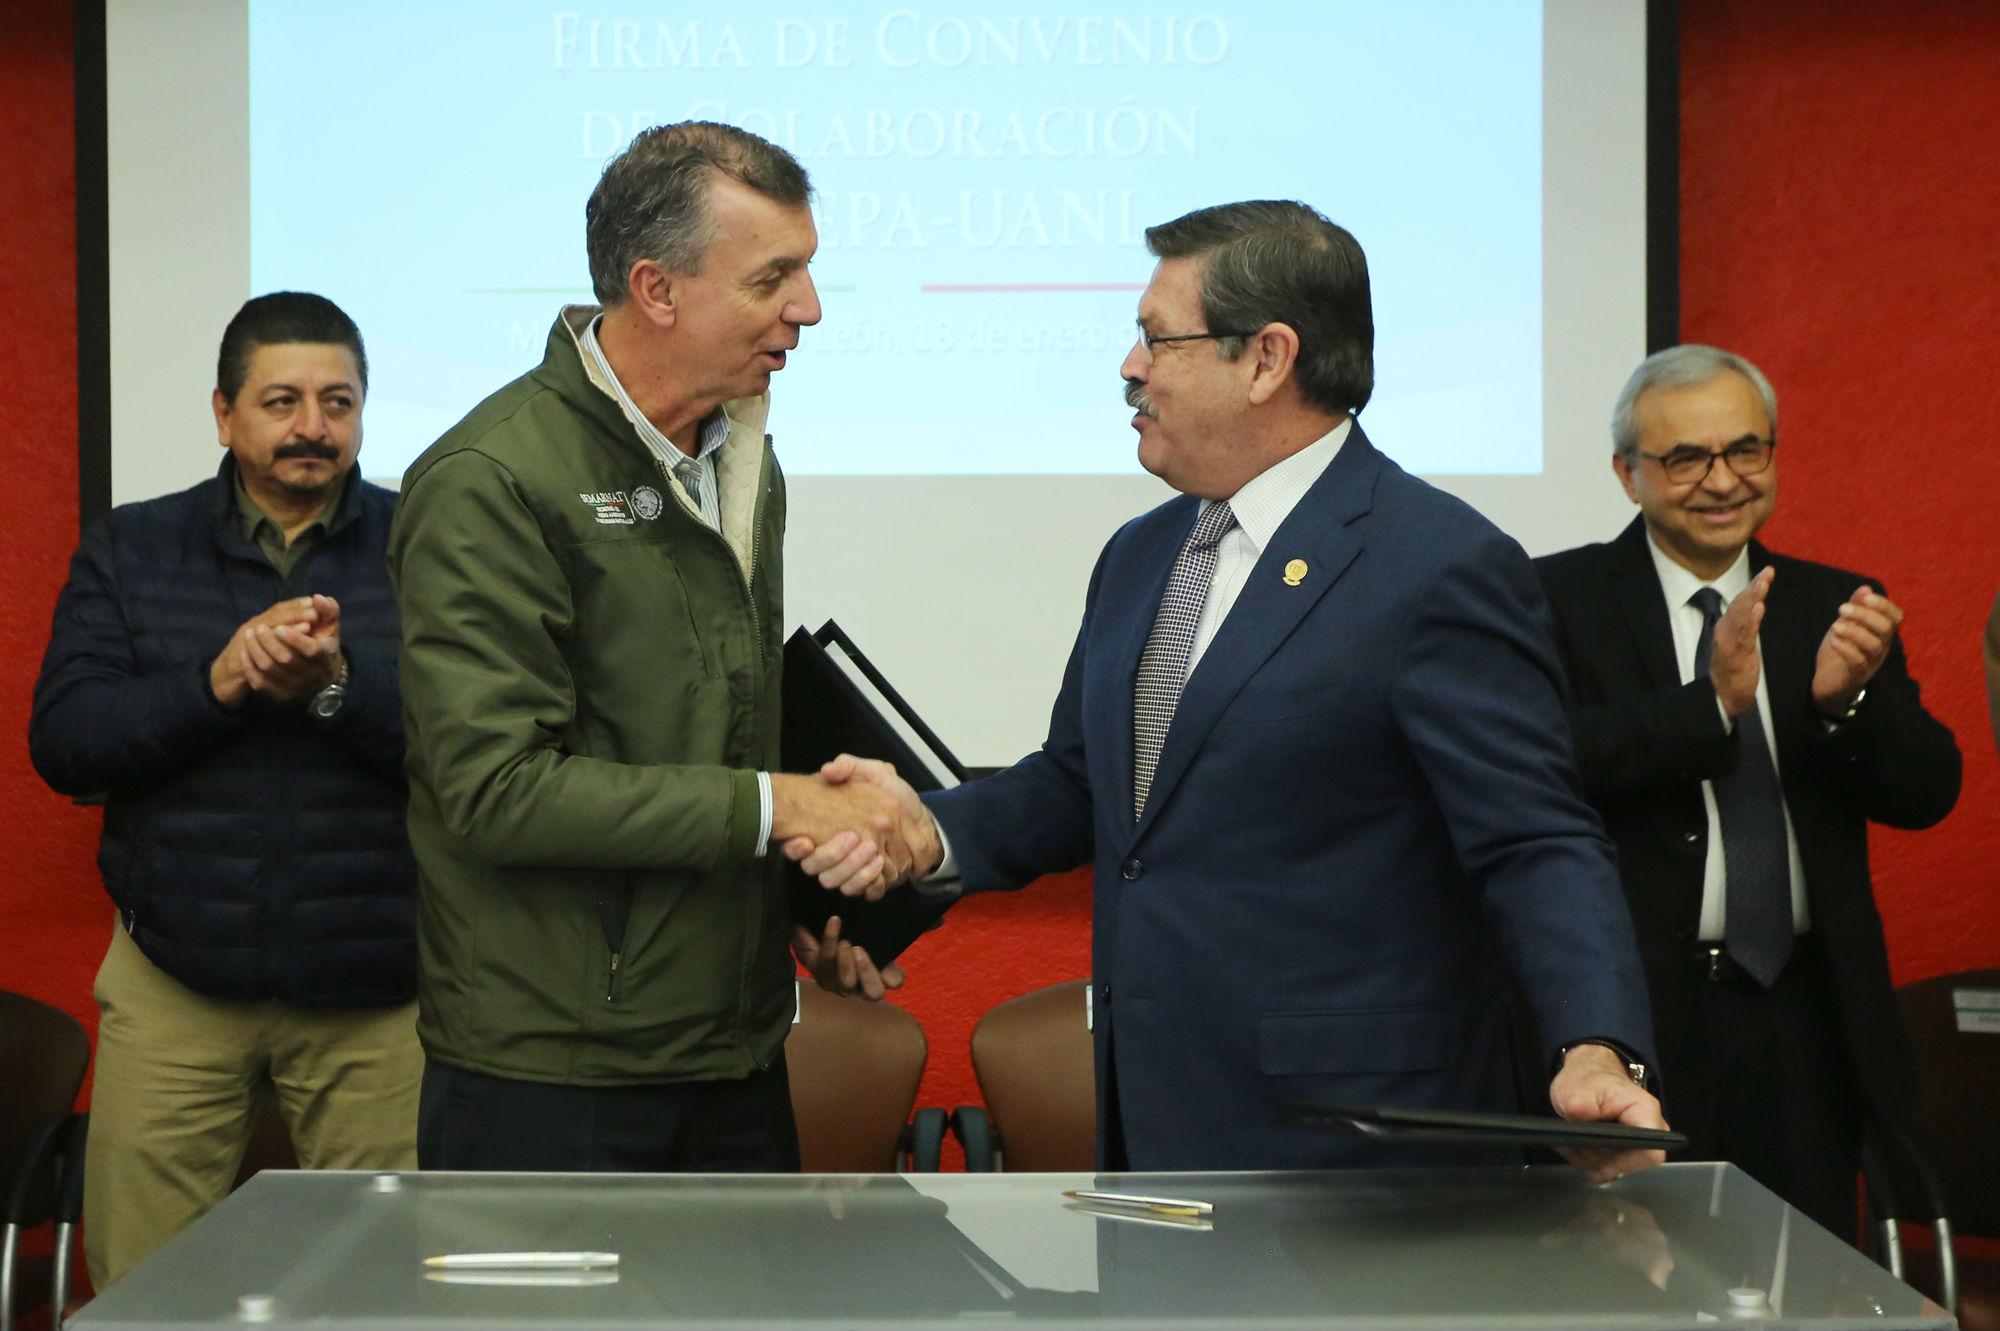 La dependencia federal tiene estrecha colaboración con la UANL